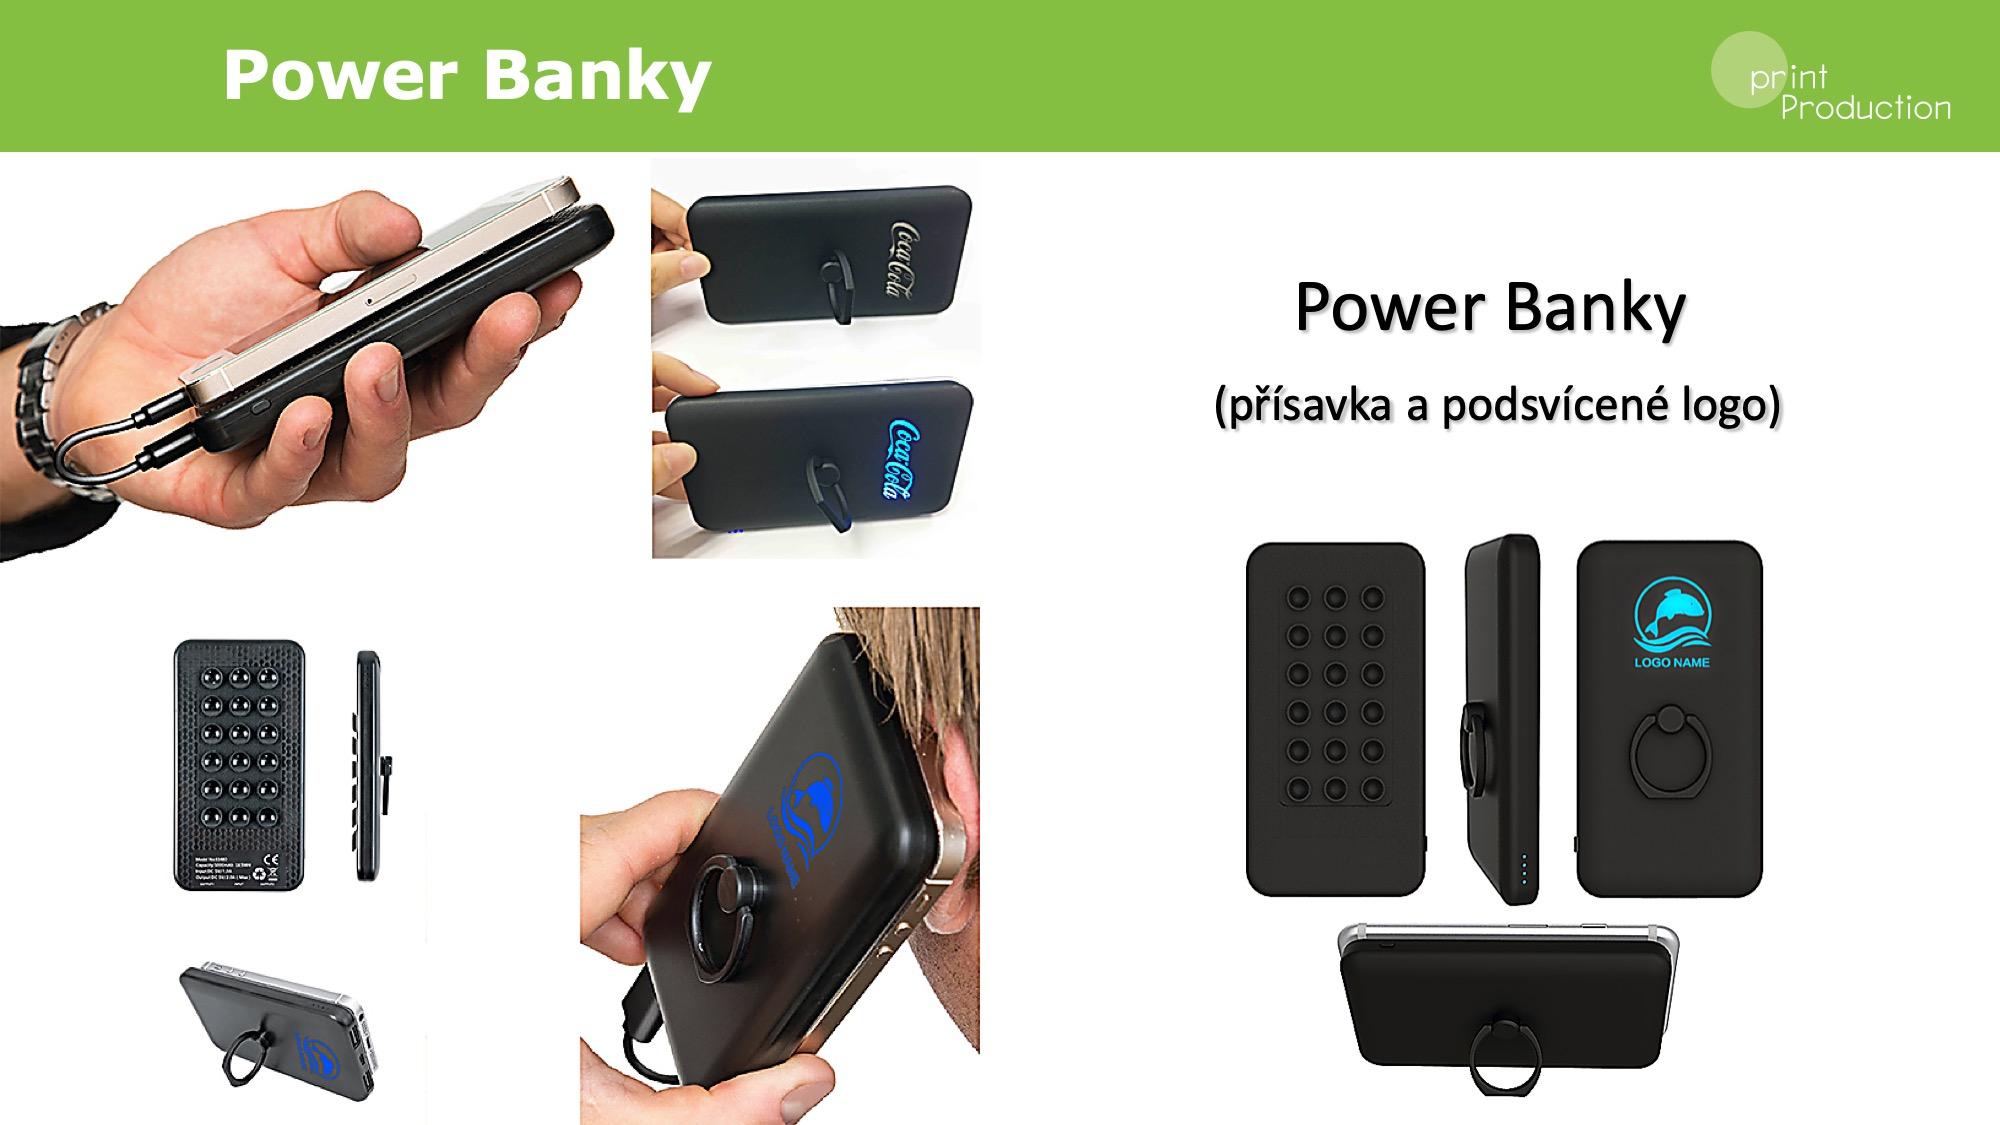 Power banky s podsvícením